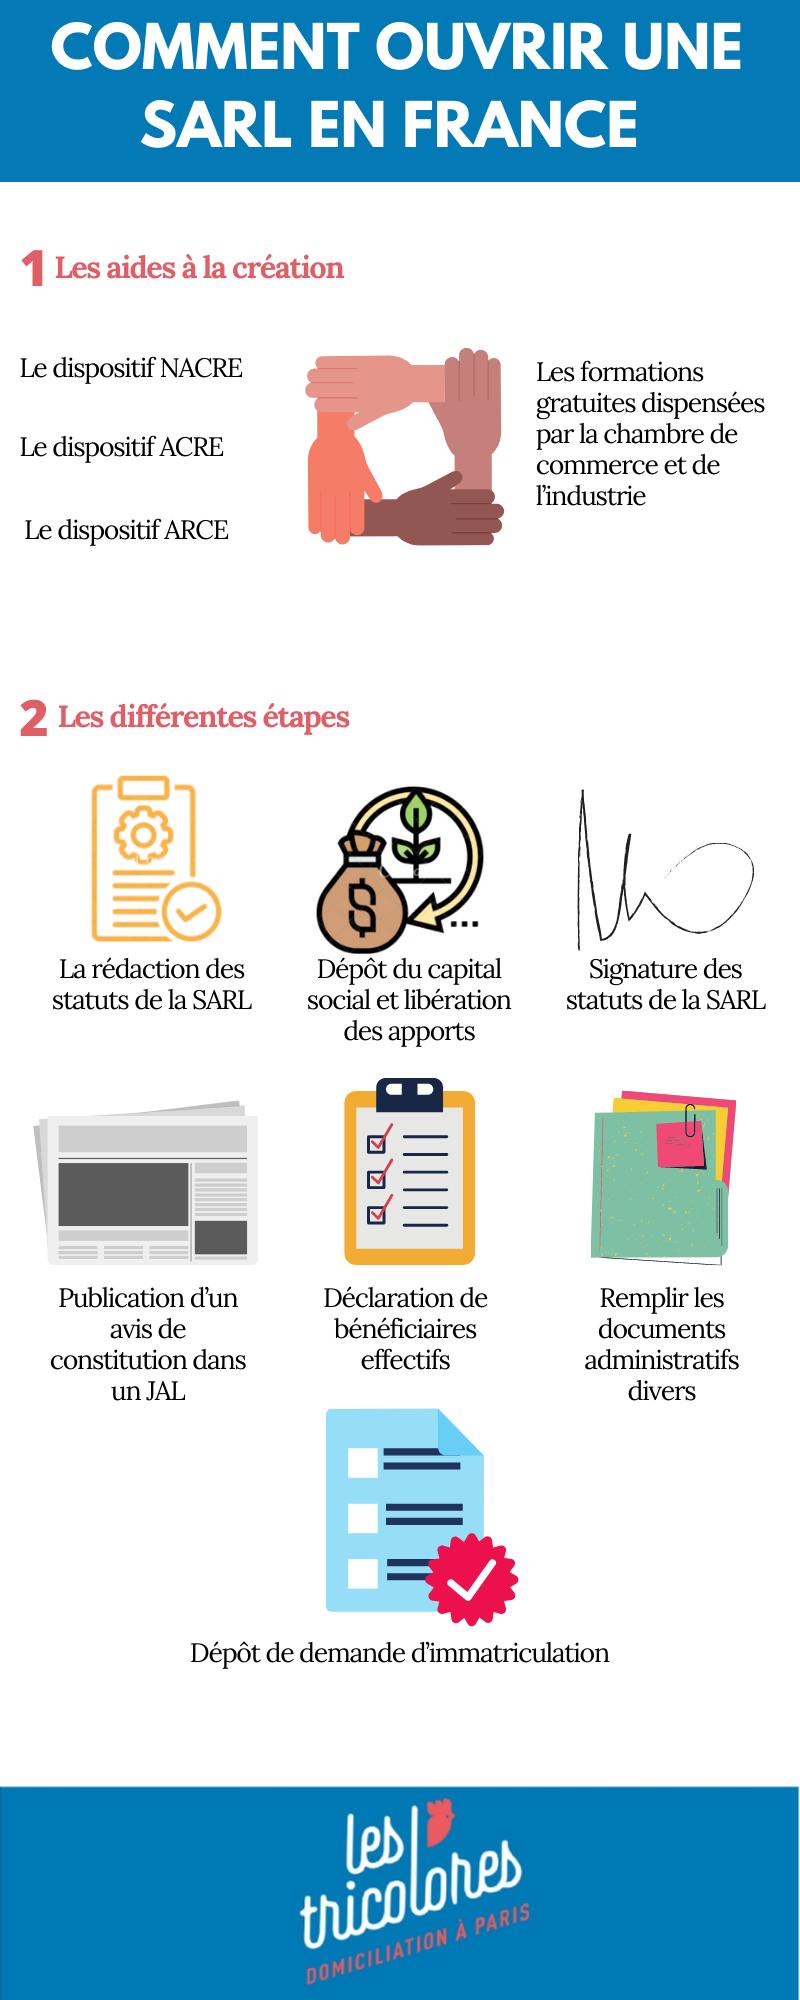 Comment ouvrir une SARL en France: tout savoir en 2 minutes